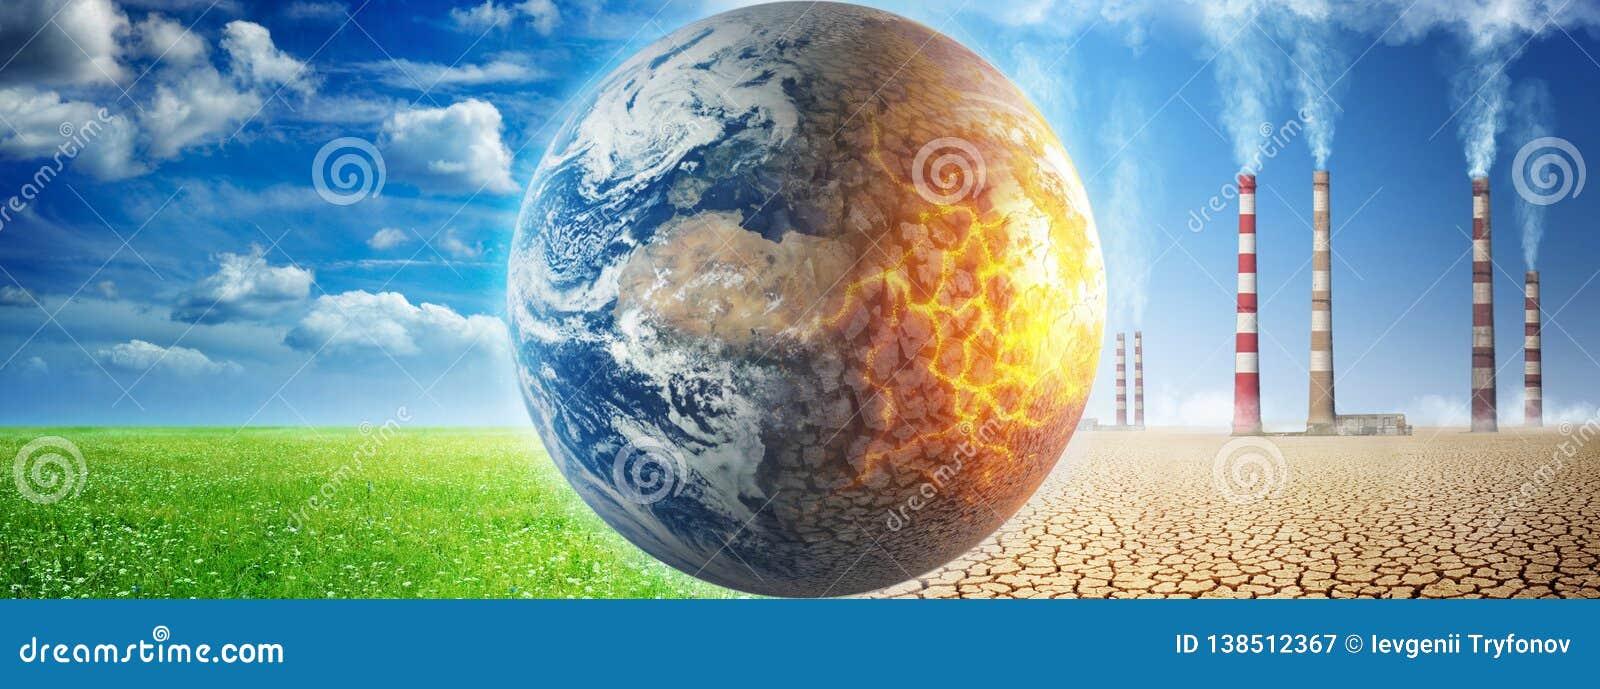 Terra em um fundo da grama e das nuvens contra uma terra arruinada em um fundo de um deserto inoperante com as chaminés de fumo d